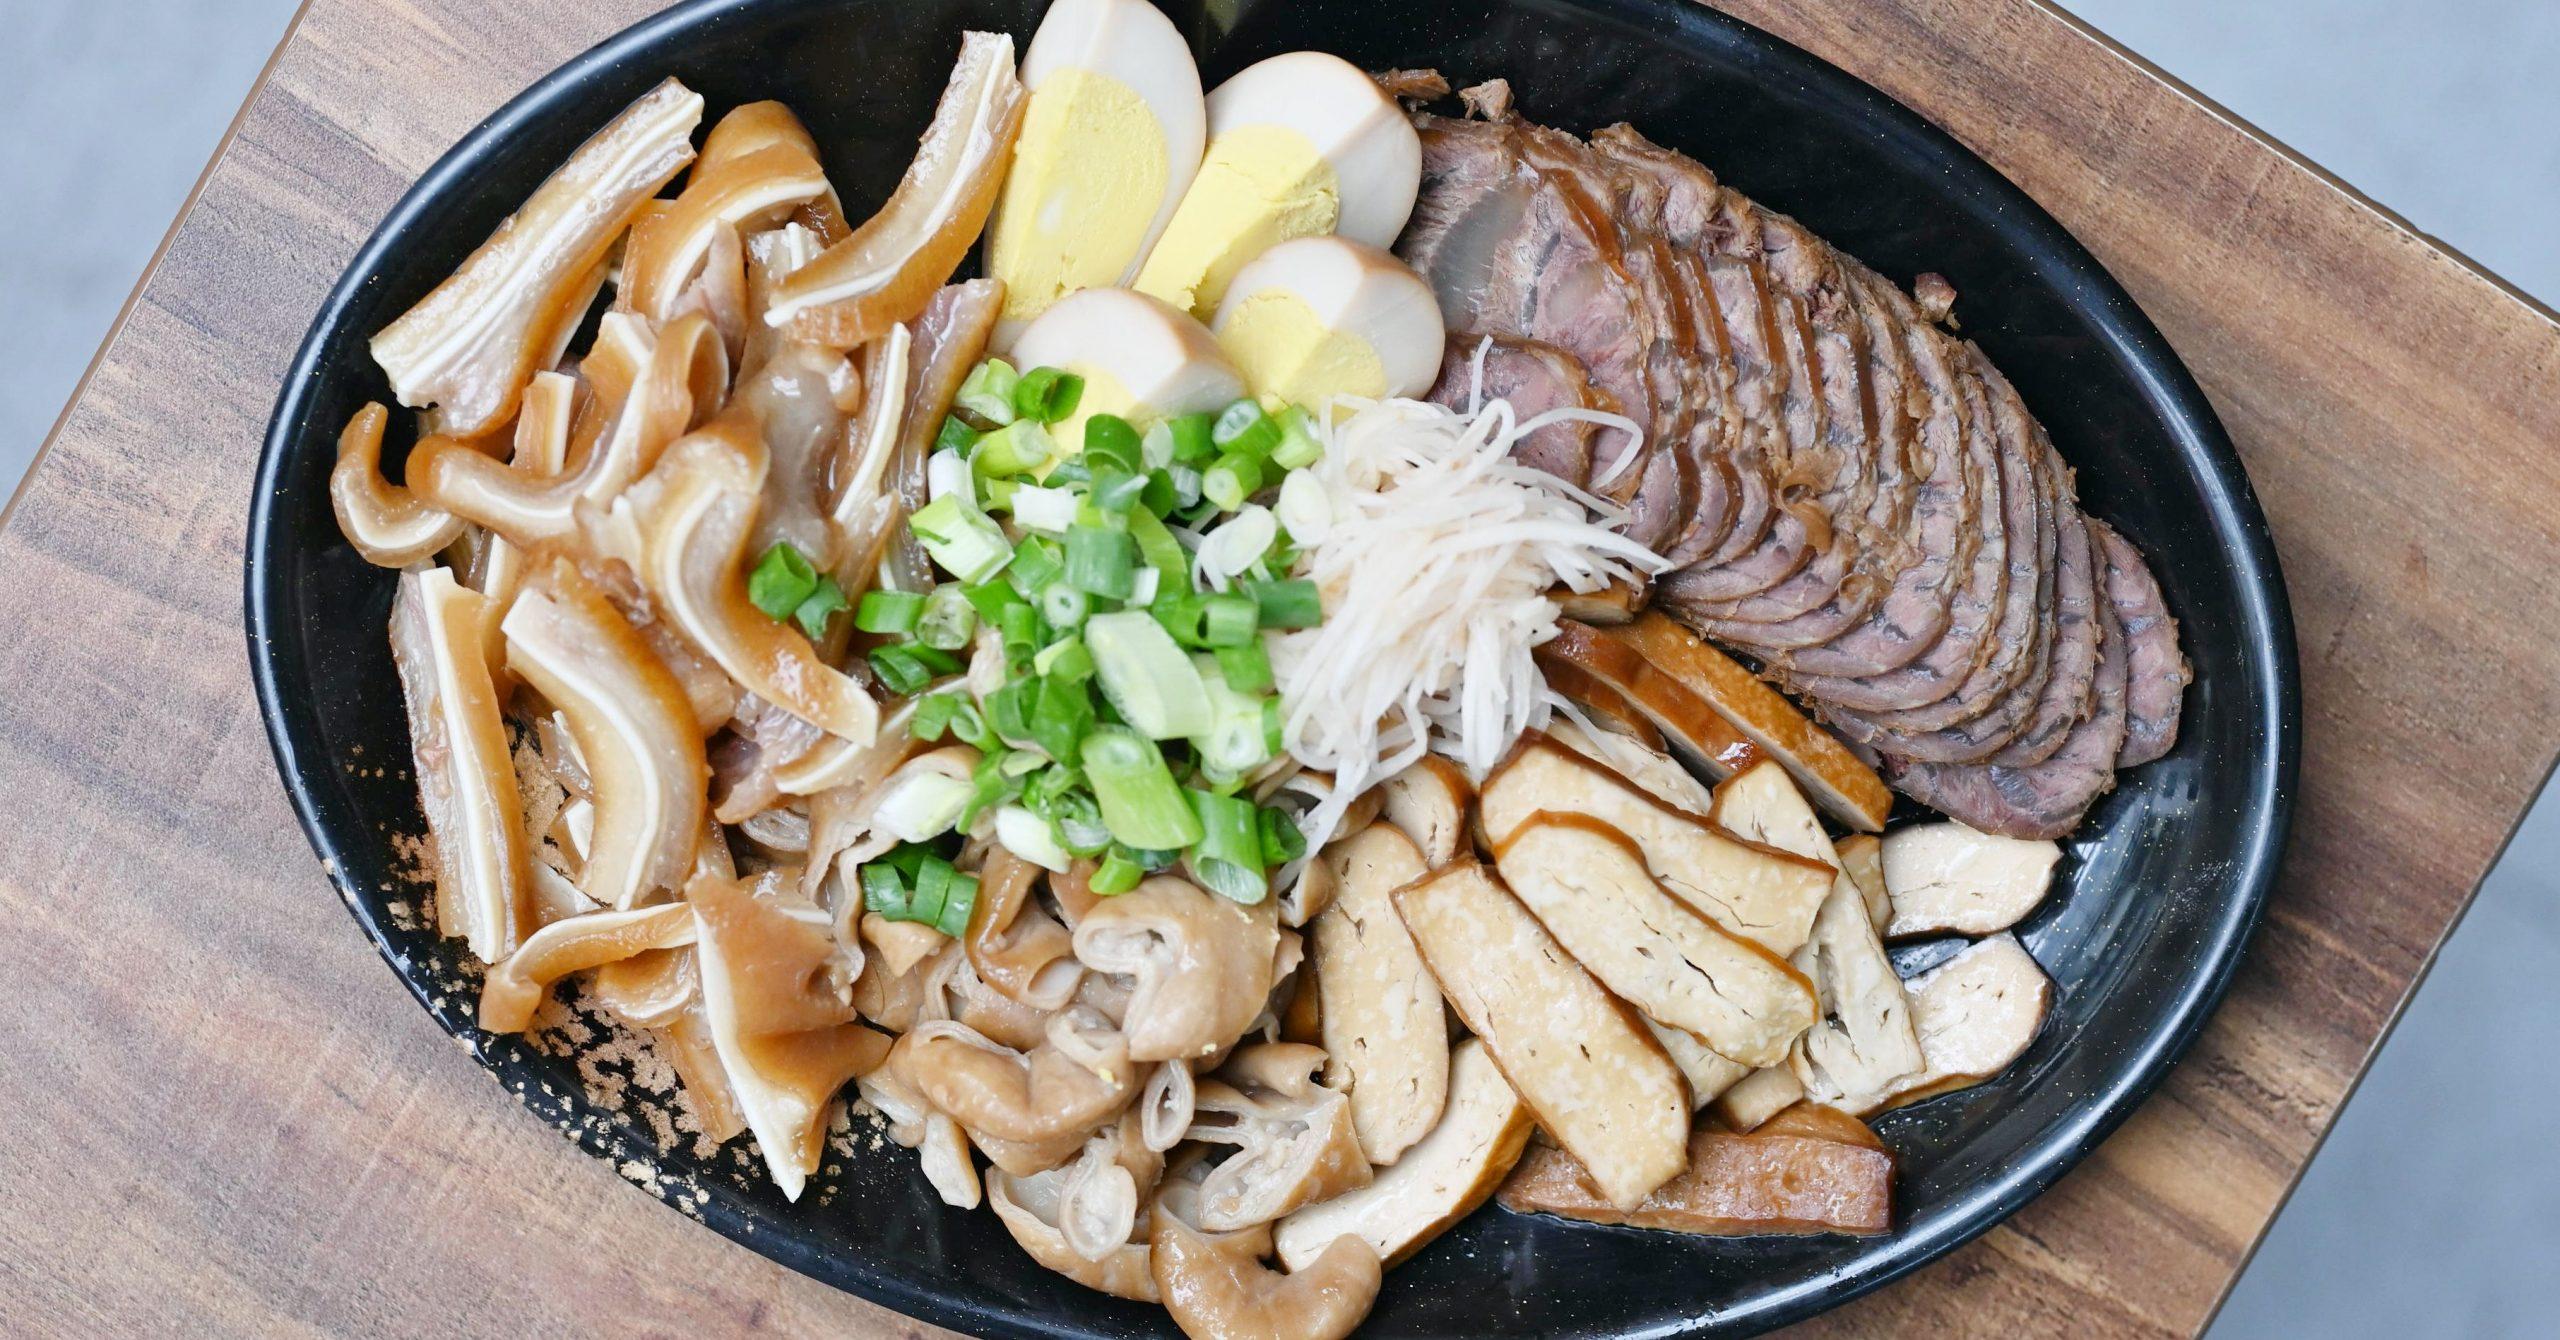 今日熱門文章:【天母美食】蕭家牛肉麵德東店,小菜真的是太強大 (菜單)